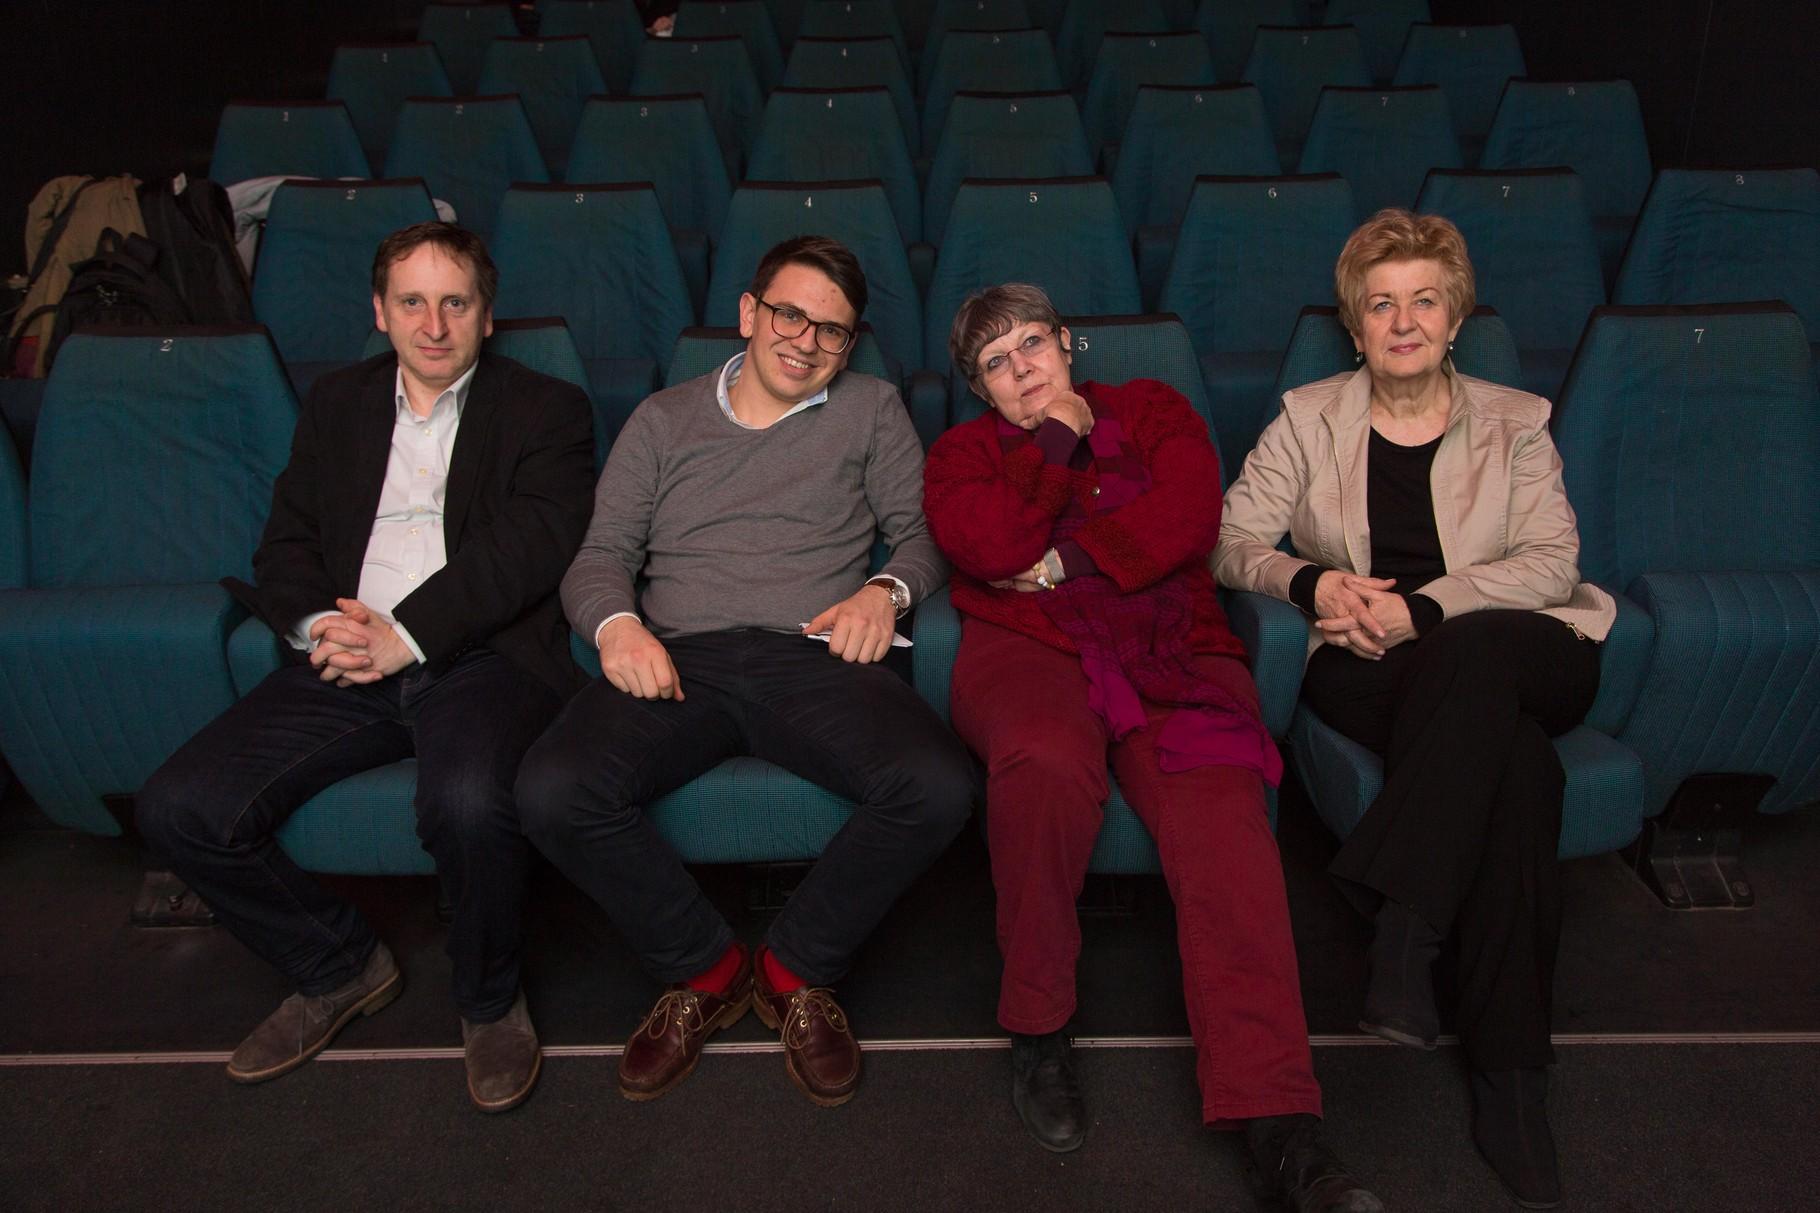 Foto: Lebensweise/Richard Tanzer; v.l.n.r.: Martin Schriebl-Rümmele (GF Lebensweise), Philip Kappler (Schülerunion), Stressforscherin Rotraud Perner, Astrid Zimmermann (Presseclub Concordia)